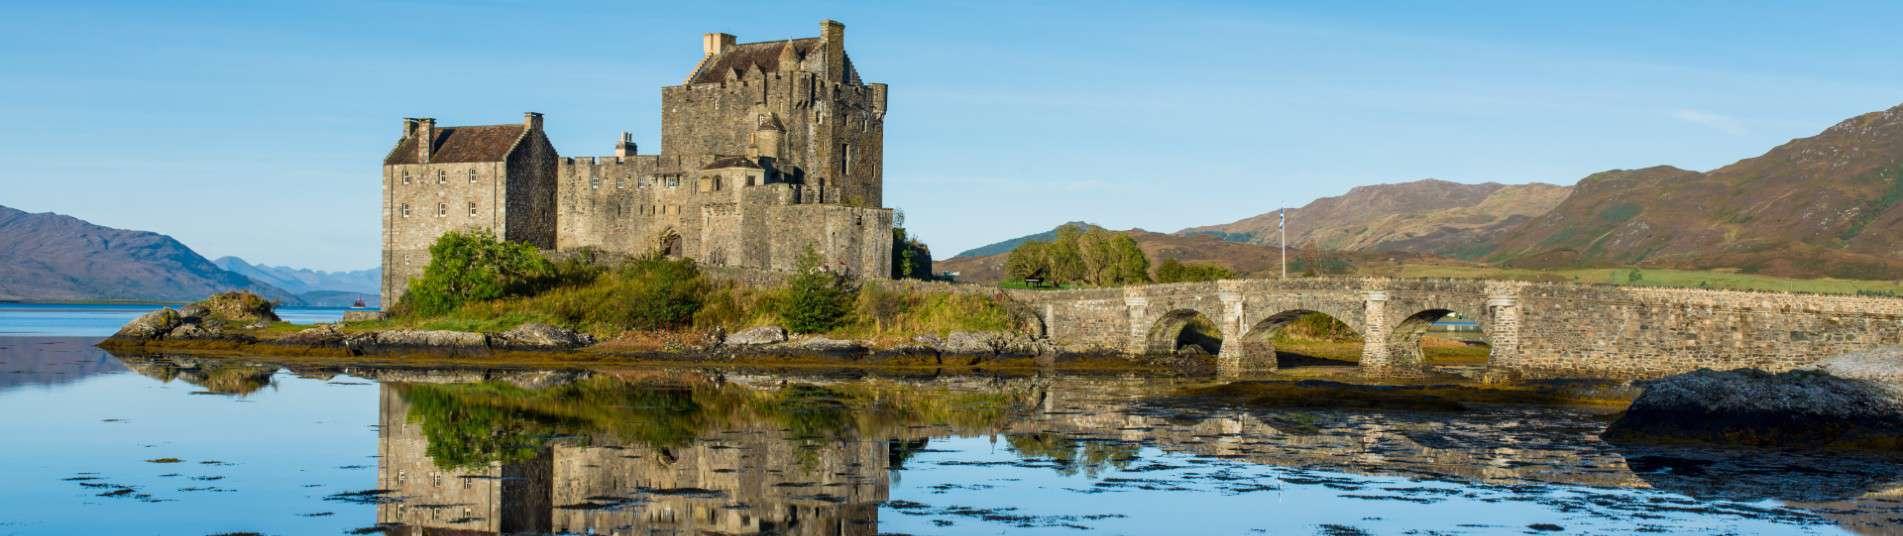 Château dans les Highlands en Ecosse